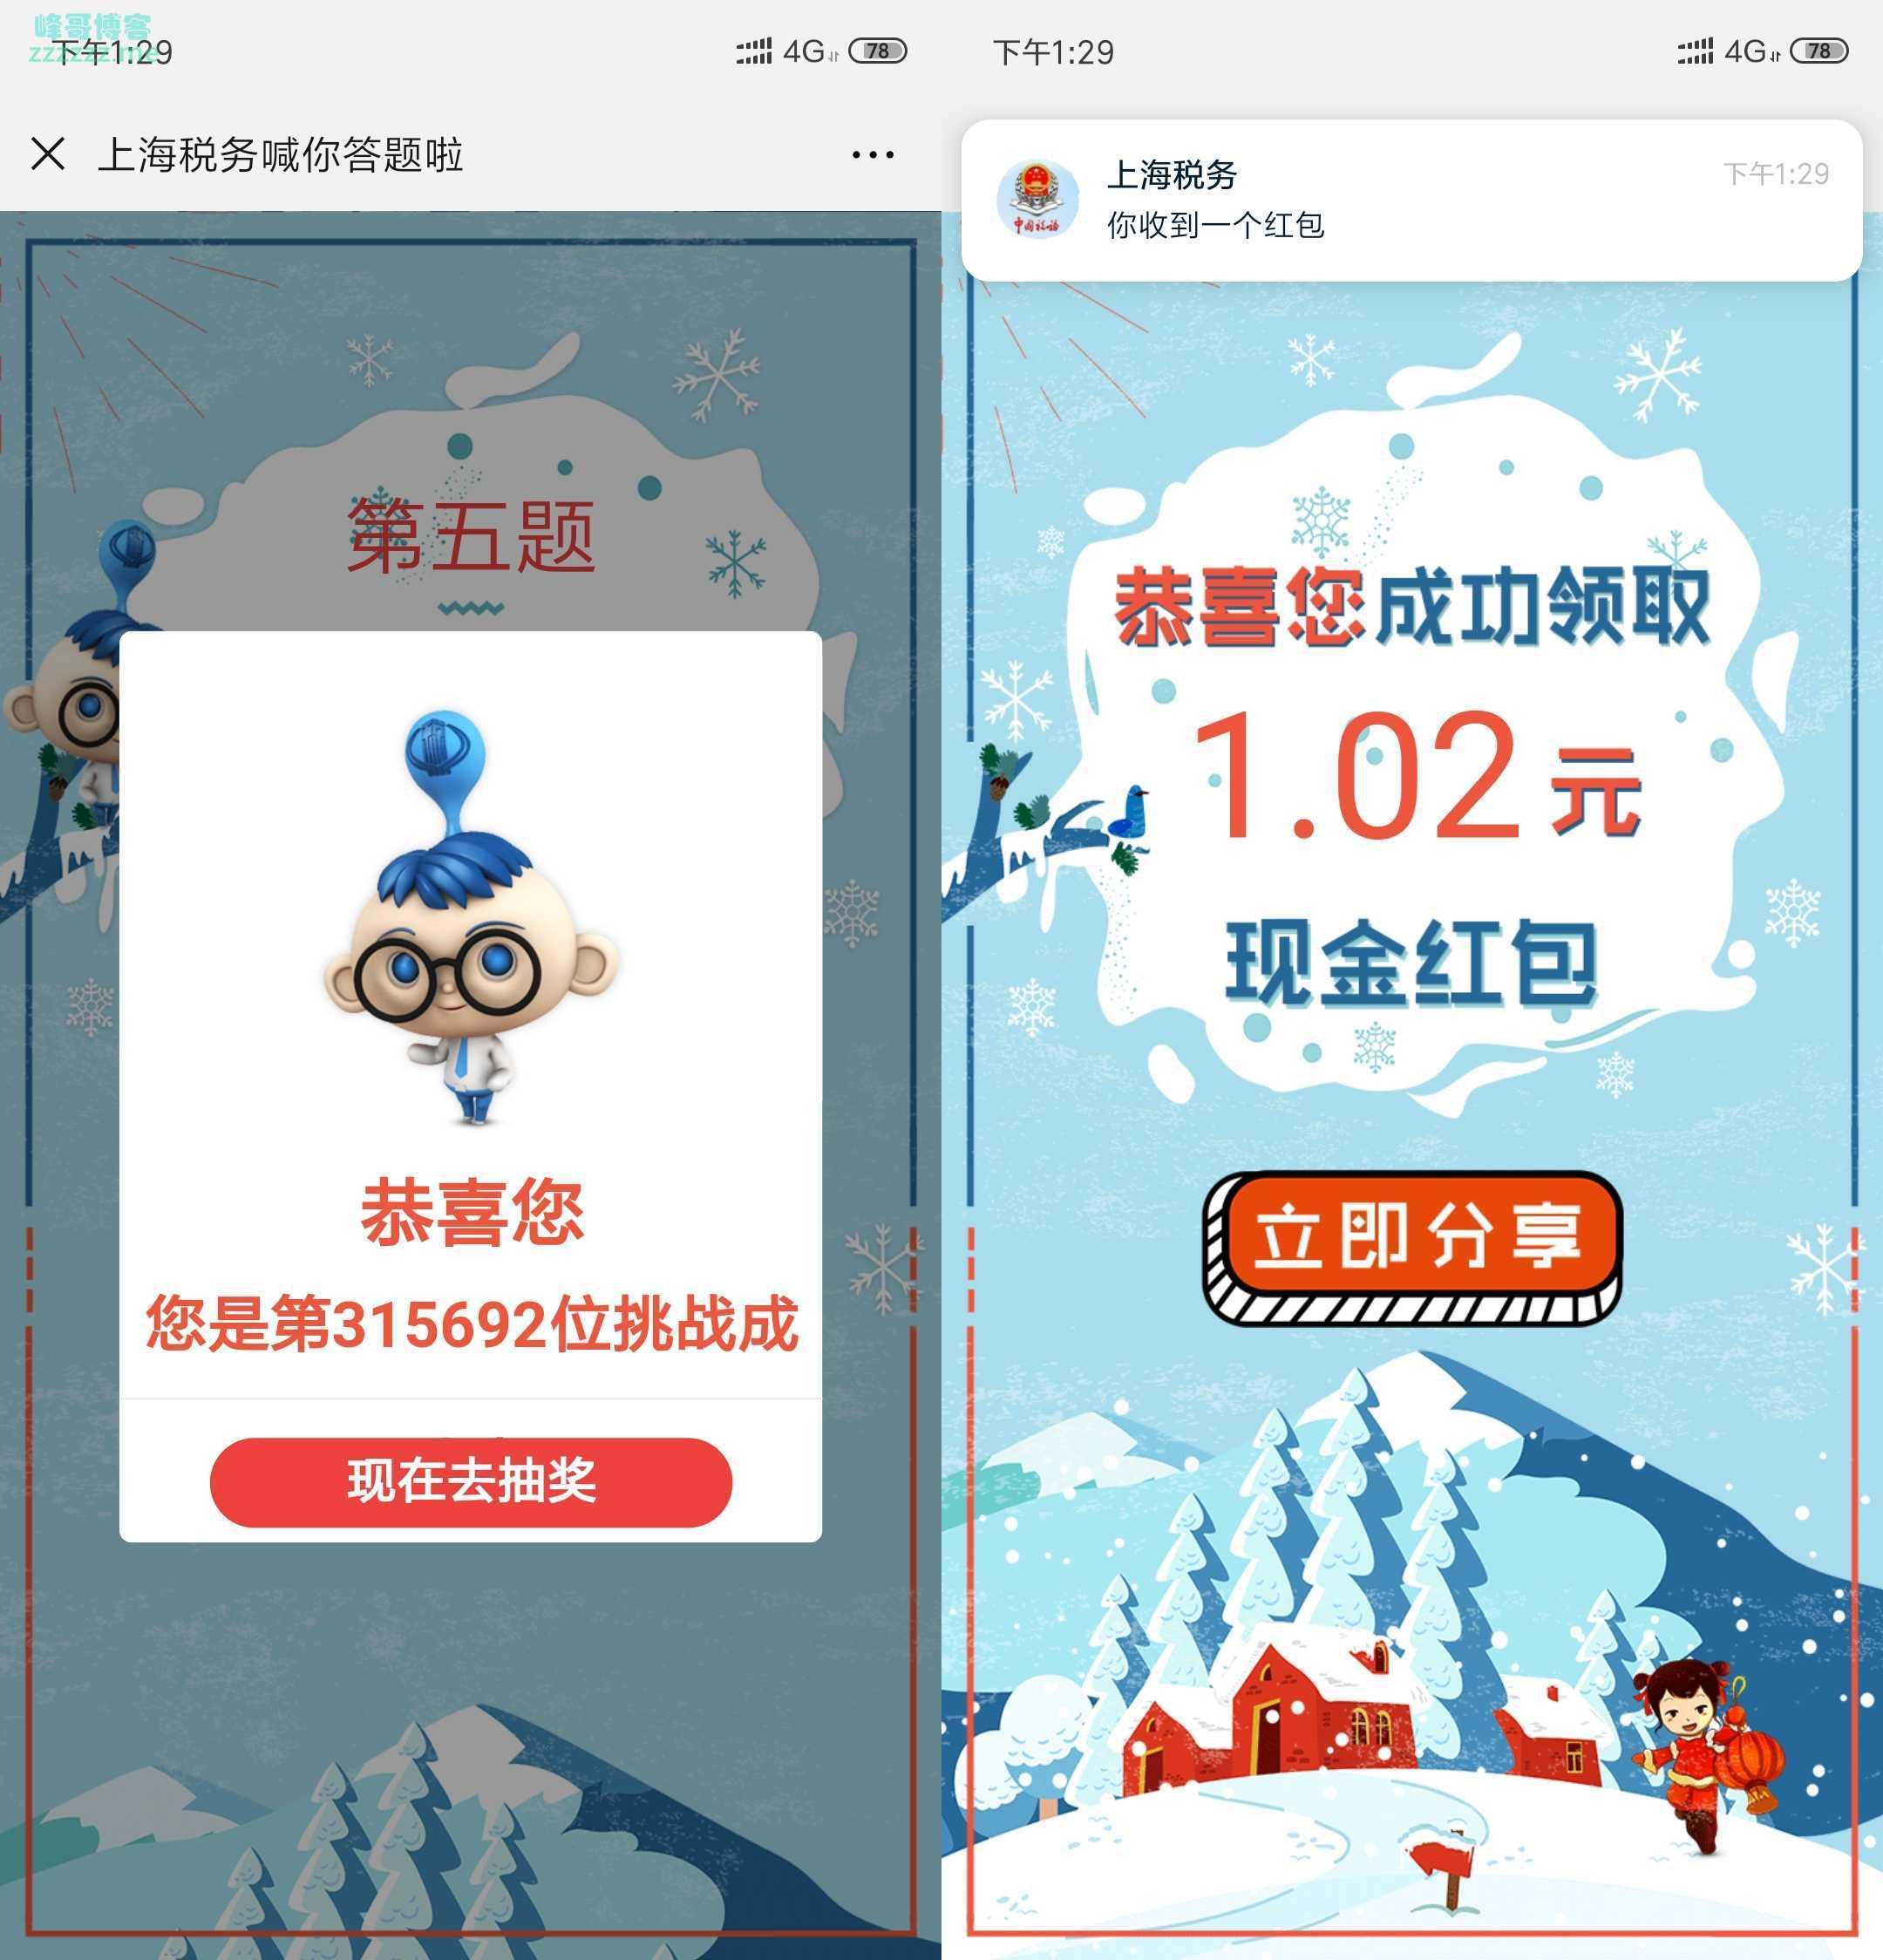 微信上海税务答题领随机红包 亲测中1.02